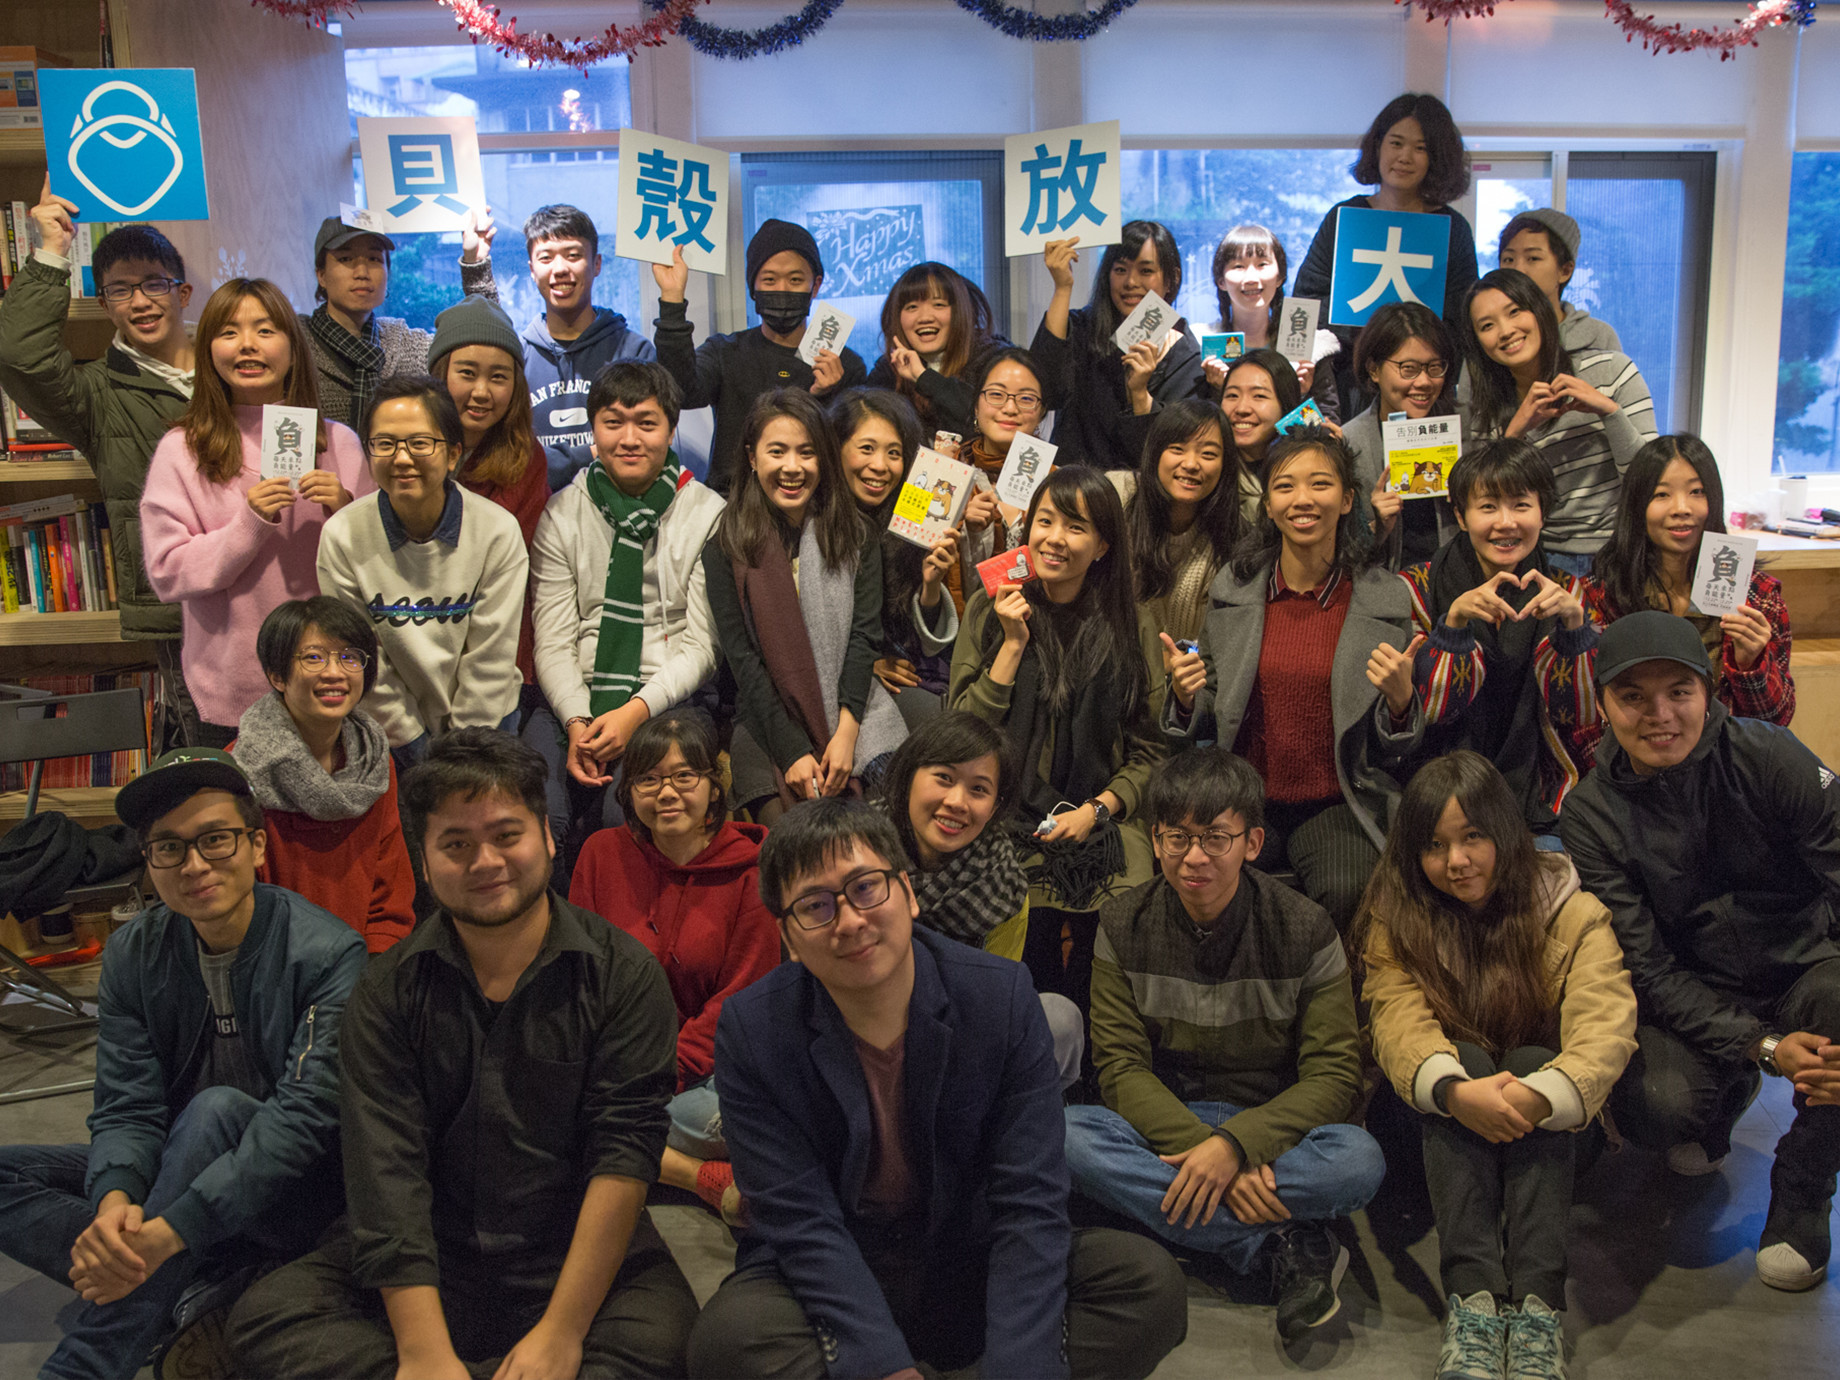 台灣自媒體協會企業報導》做貝殼放大的知識後盾,群眾觀點3步經營